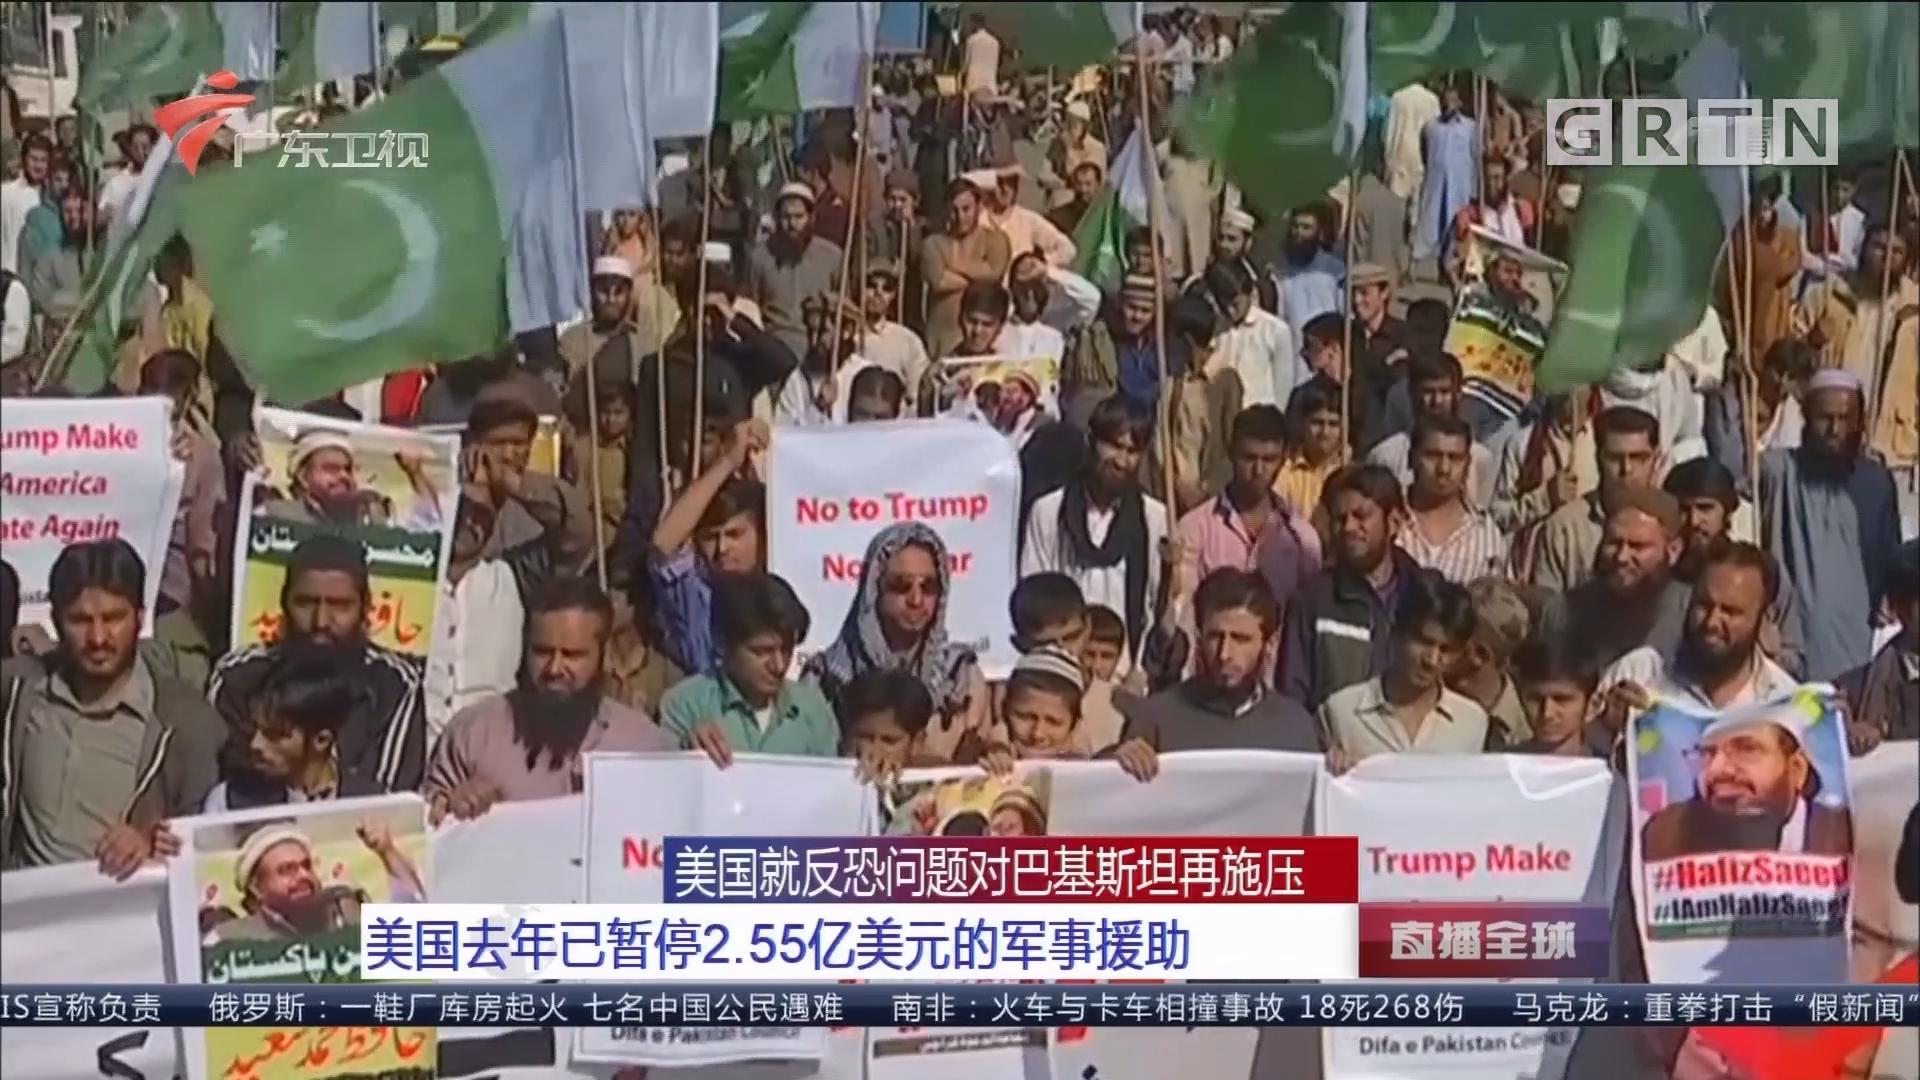 美国就反恐问题对巴基斯坦再施压:美国去年已暂停2.55亿美元的军事援助